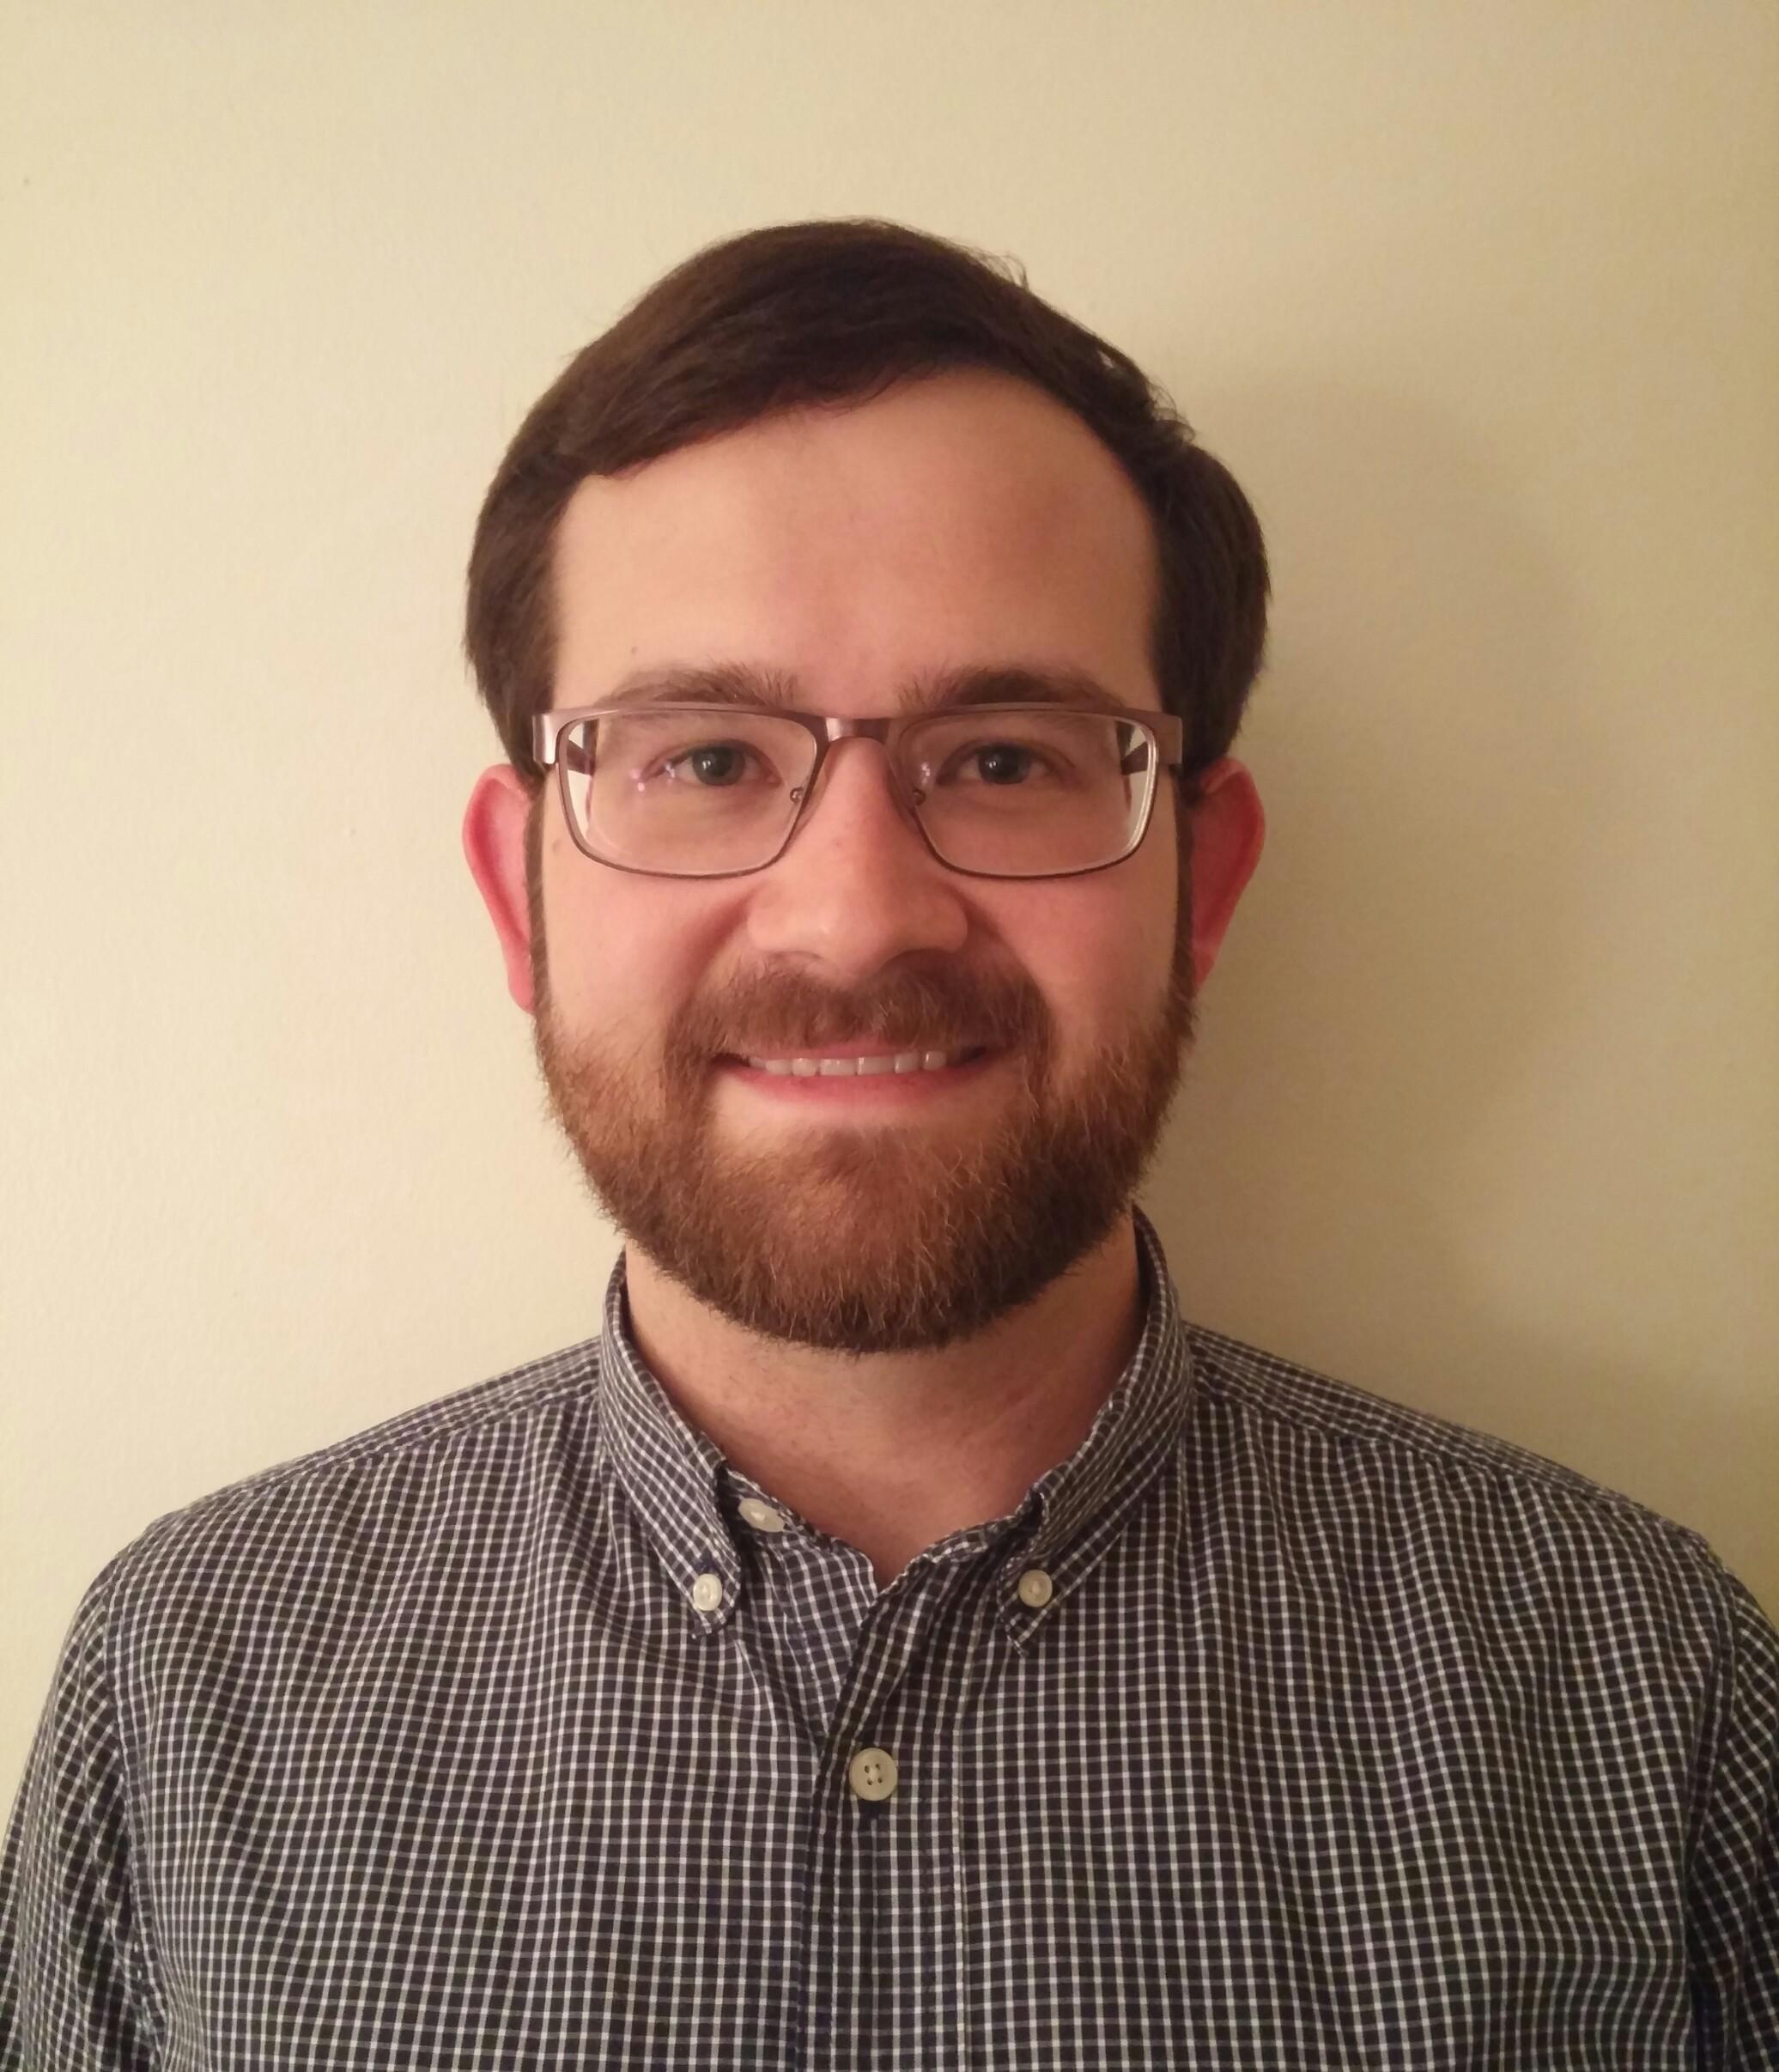 Aaron Whitt